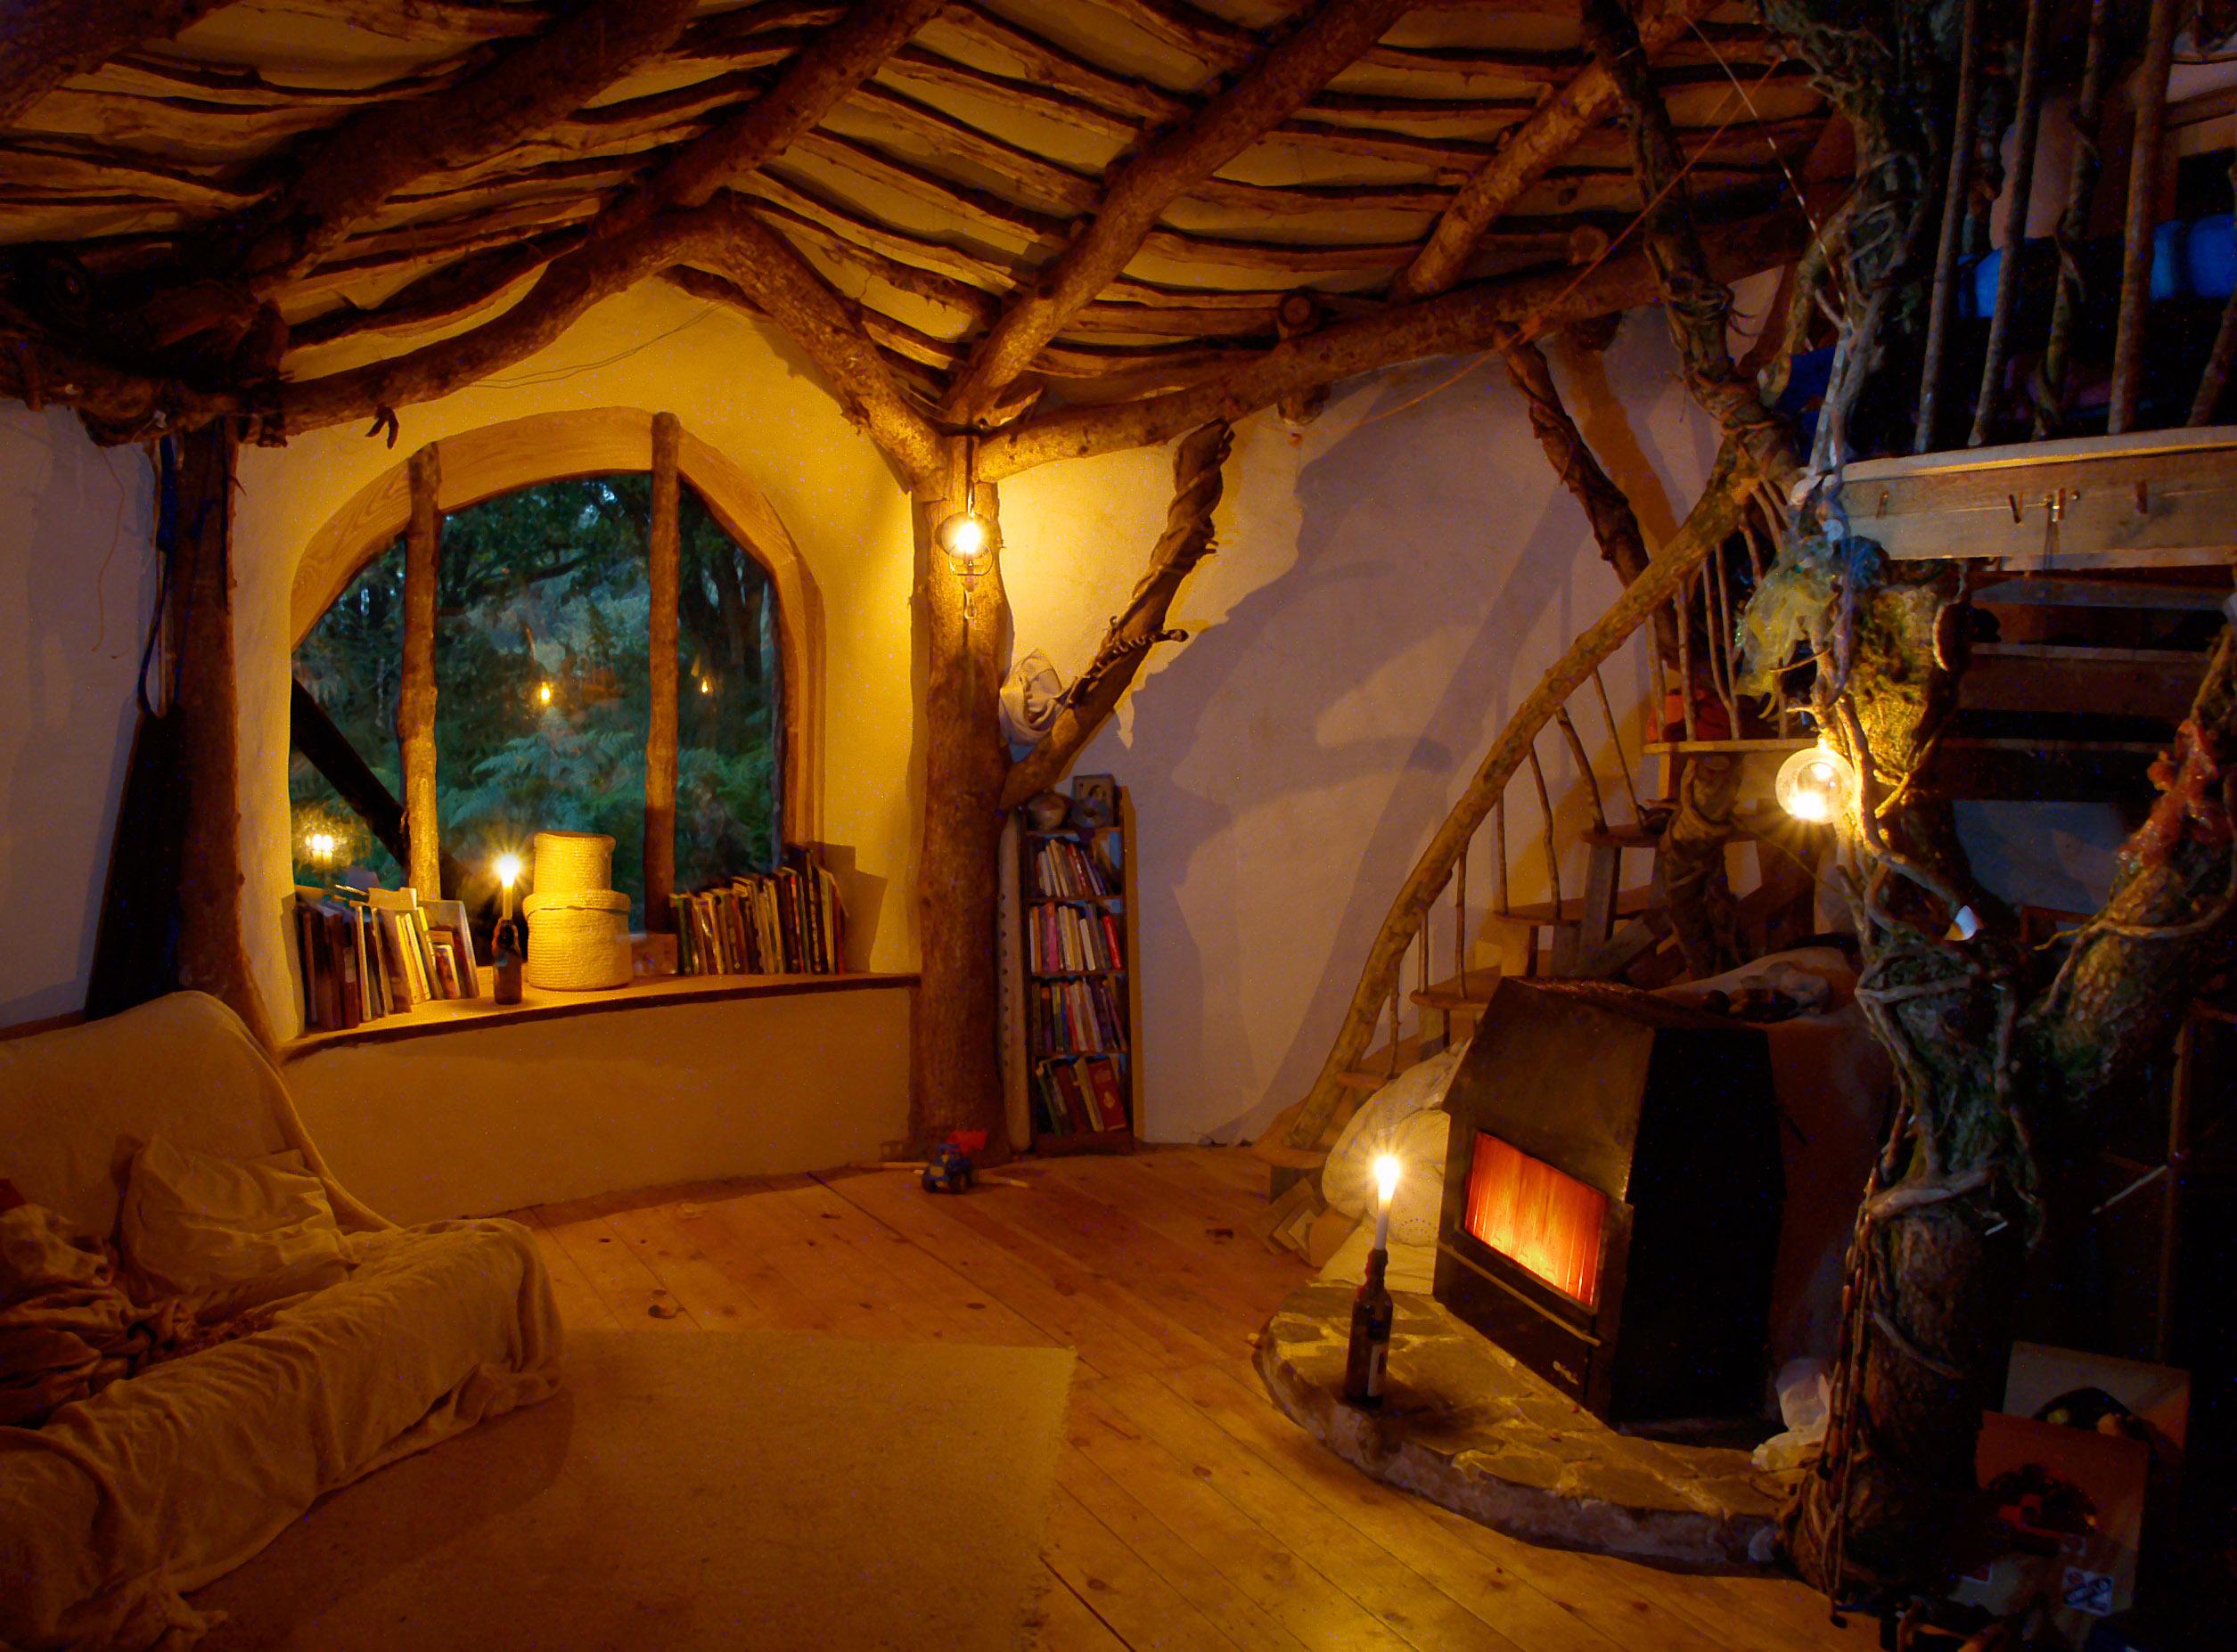 Eco House Interior photo - 3